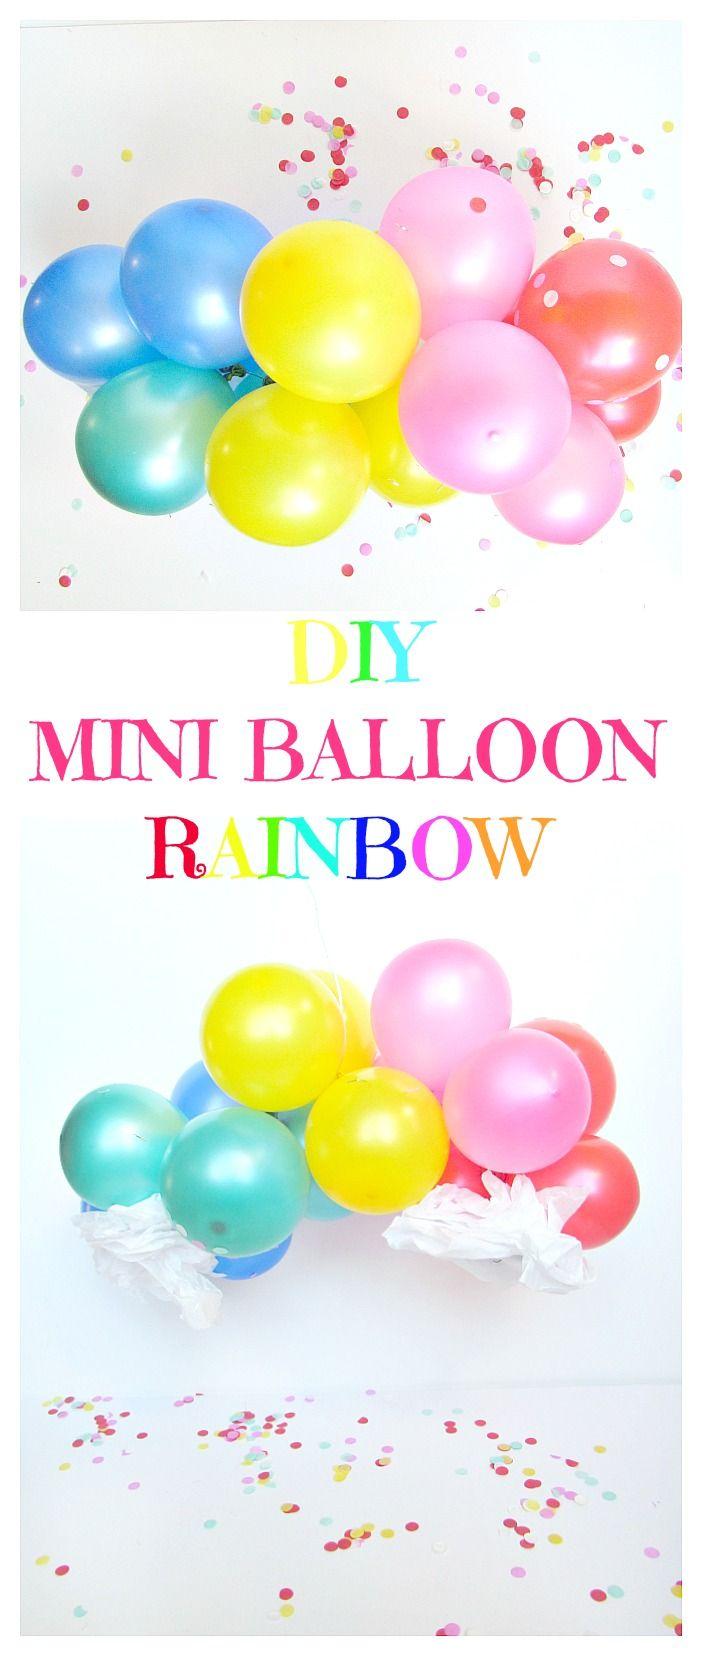 DIY Mini Balloon Rainbow